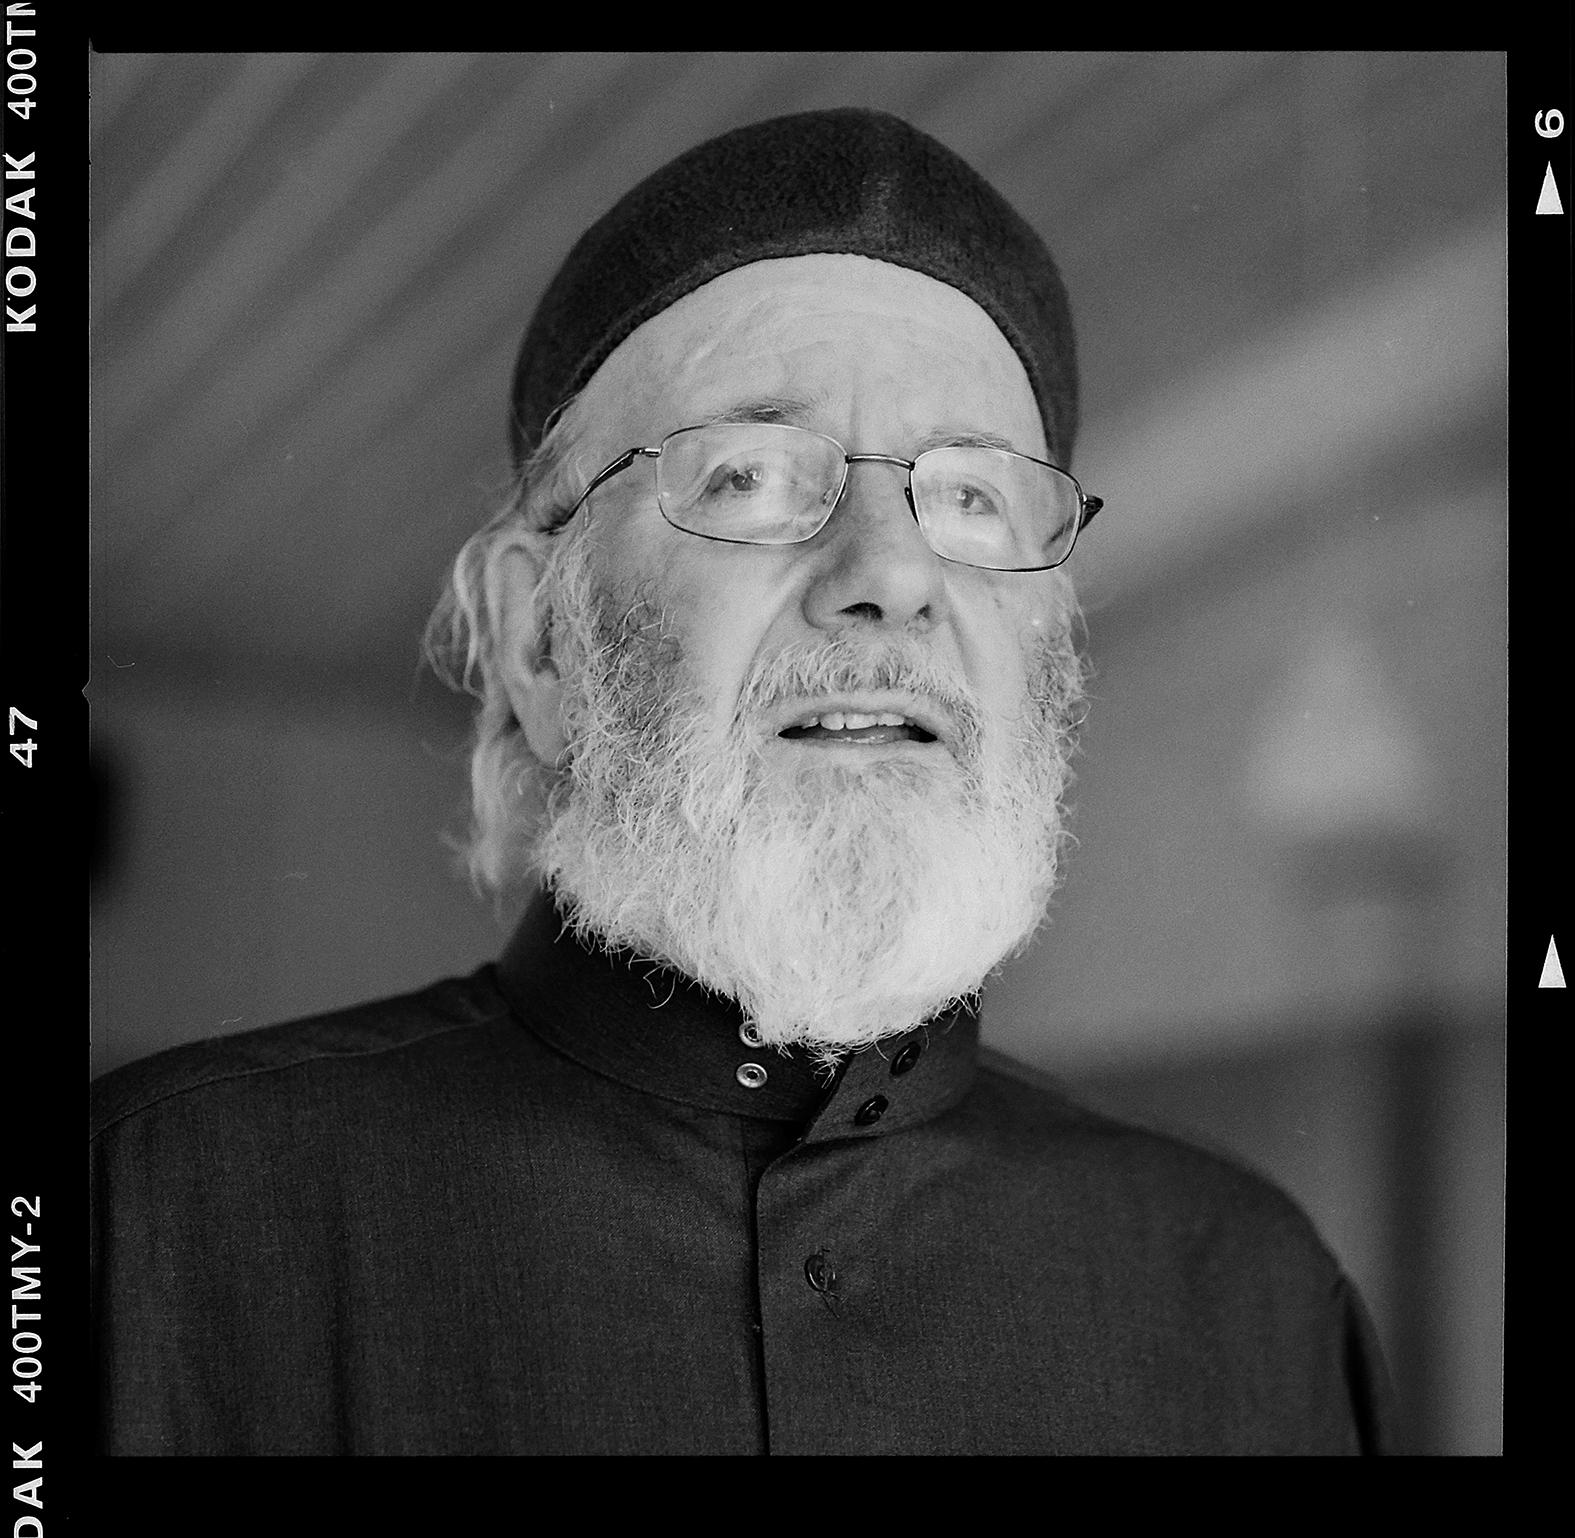 Imamen Abd al Haqq Kielan. Foto: Mikael Andersson, 2016-06-23, Hasselblad 500 CM, 150mm, f4-1/30sek.